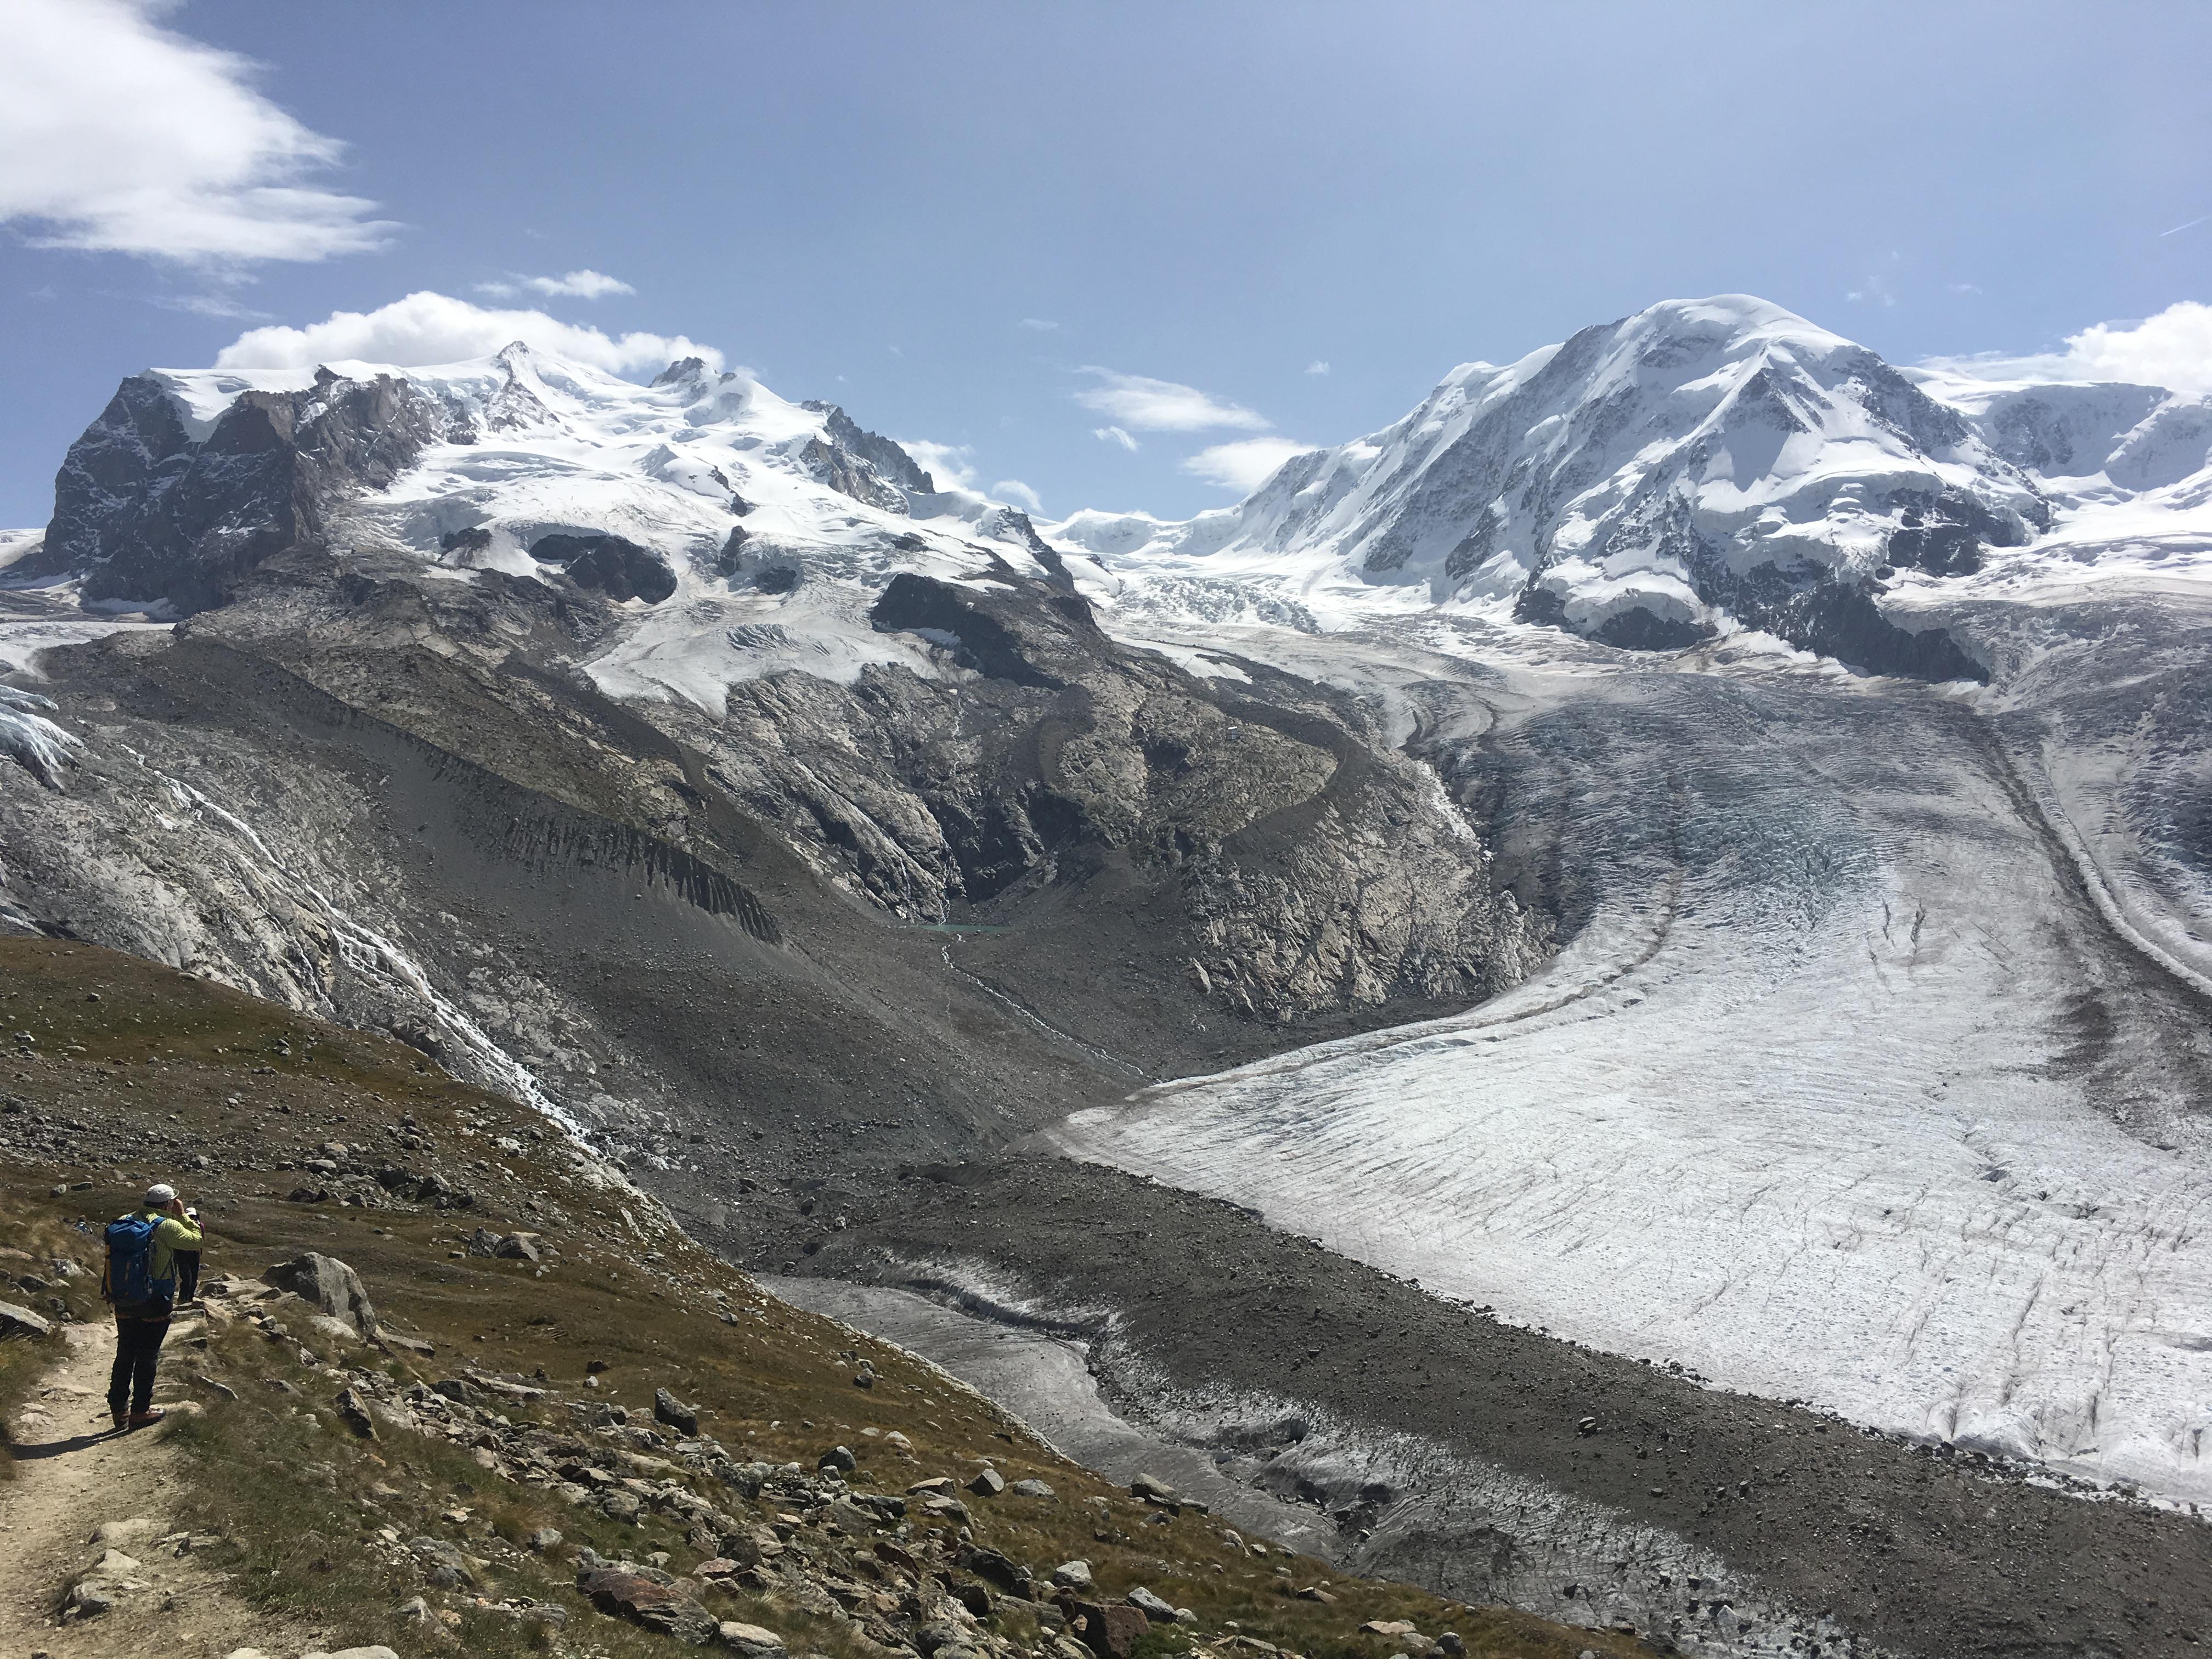 Der Gornergletscher fliesst von links in den Eisstrom. Wir werden ihn knapp vor dem Zusammenfluss mit dem Grenzgletscher überqueren.